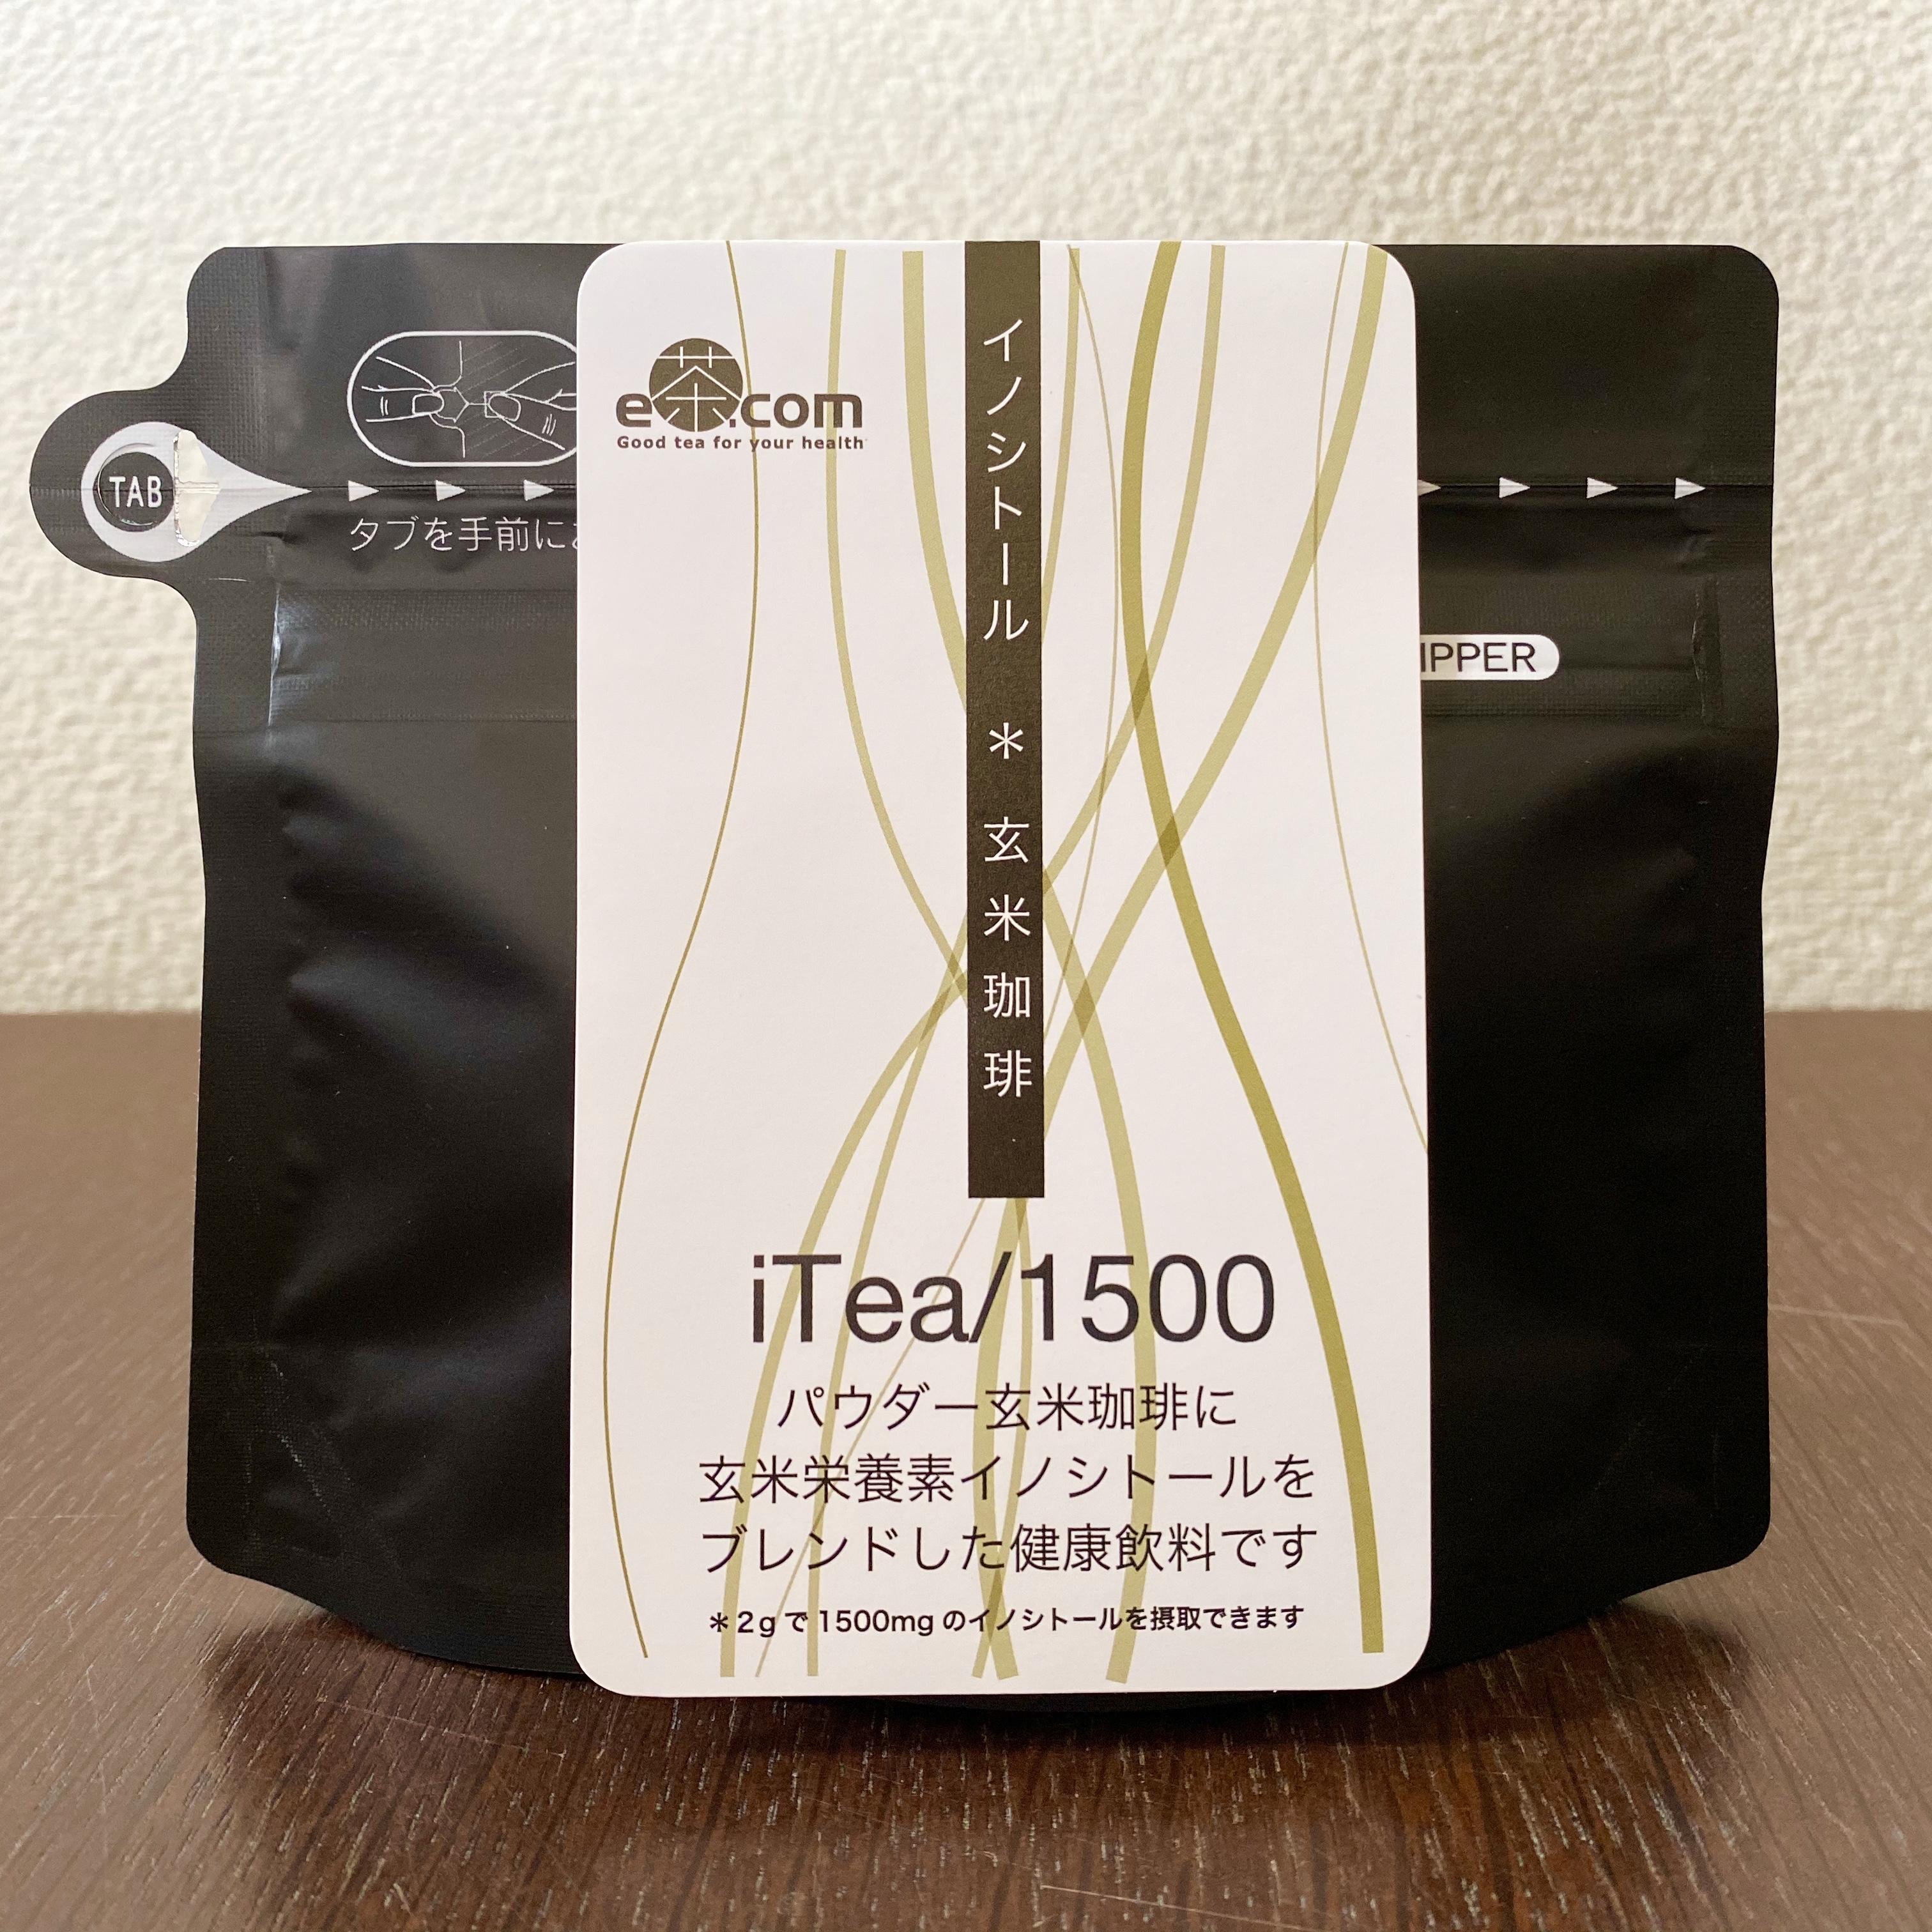 【ミトコンドリア活性を代謝を良くしたい】イノシトール玄米珈琲/iTea1500(パウダータイプ)